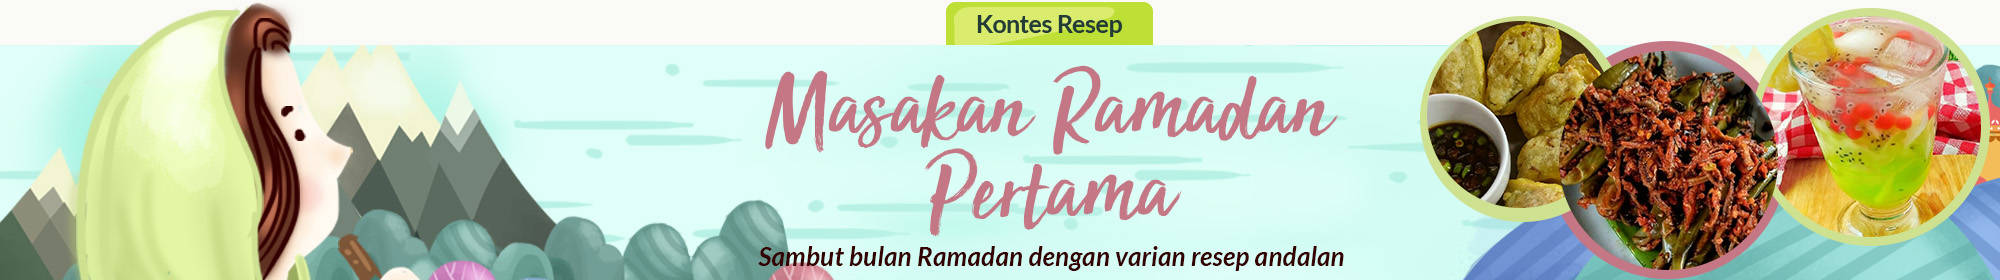 Masakan Ramadan Pertama